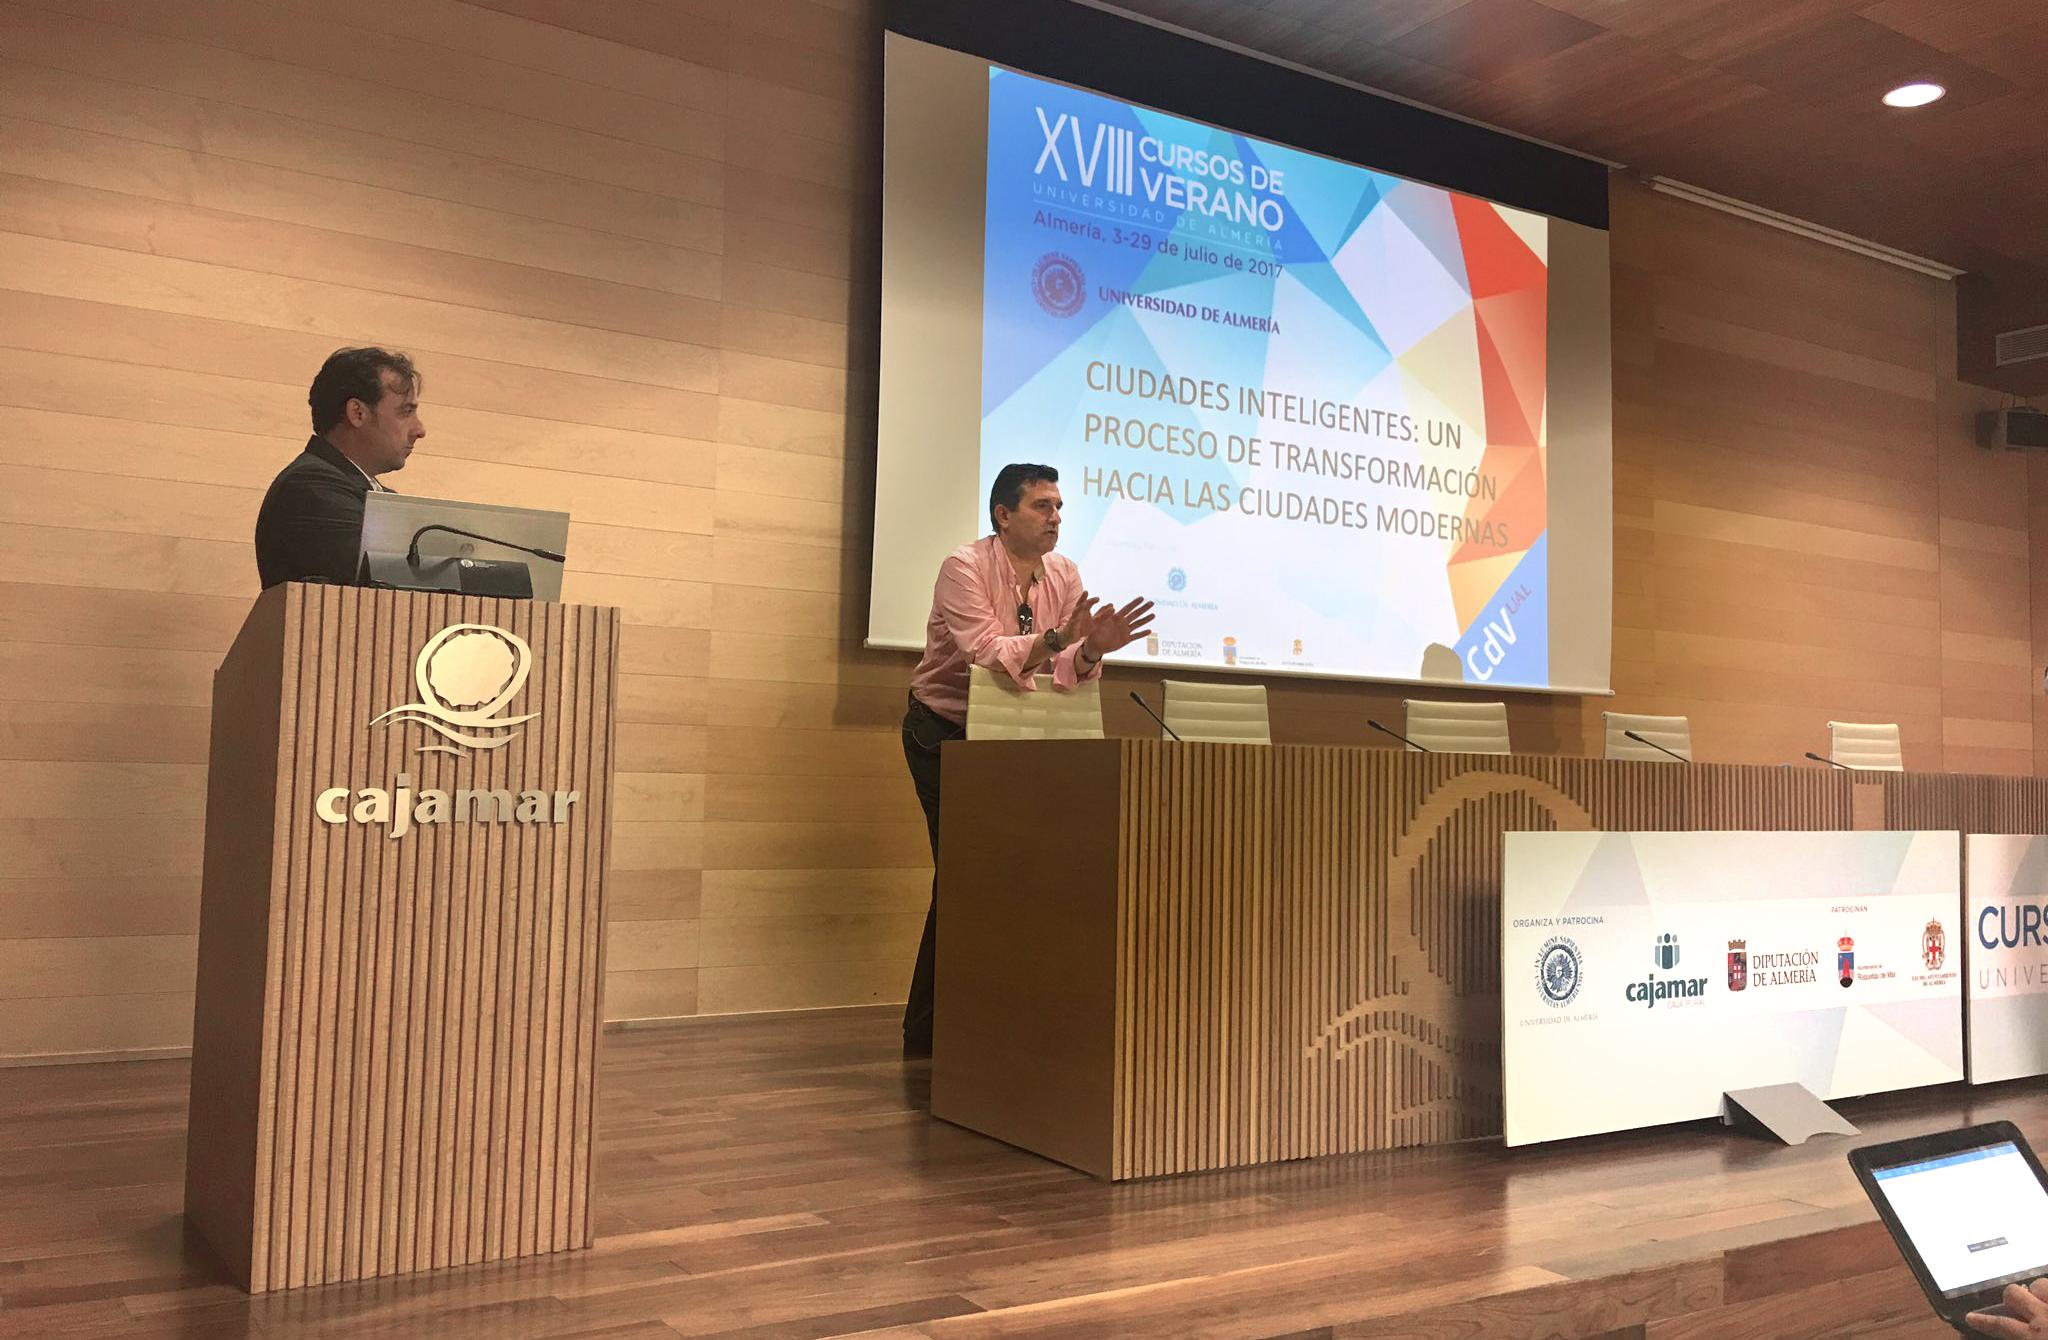 Pedro Antón, IECISA, Informática el Corte Inglés y WiFi.PRO, comparten ponencia en la jornada de Ciudades Inteligentes. Curso de Verano Universidad de Almería.